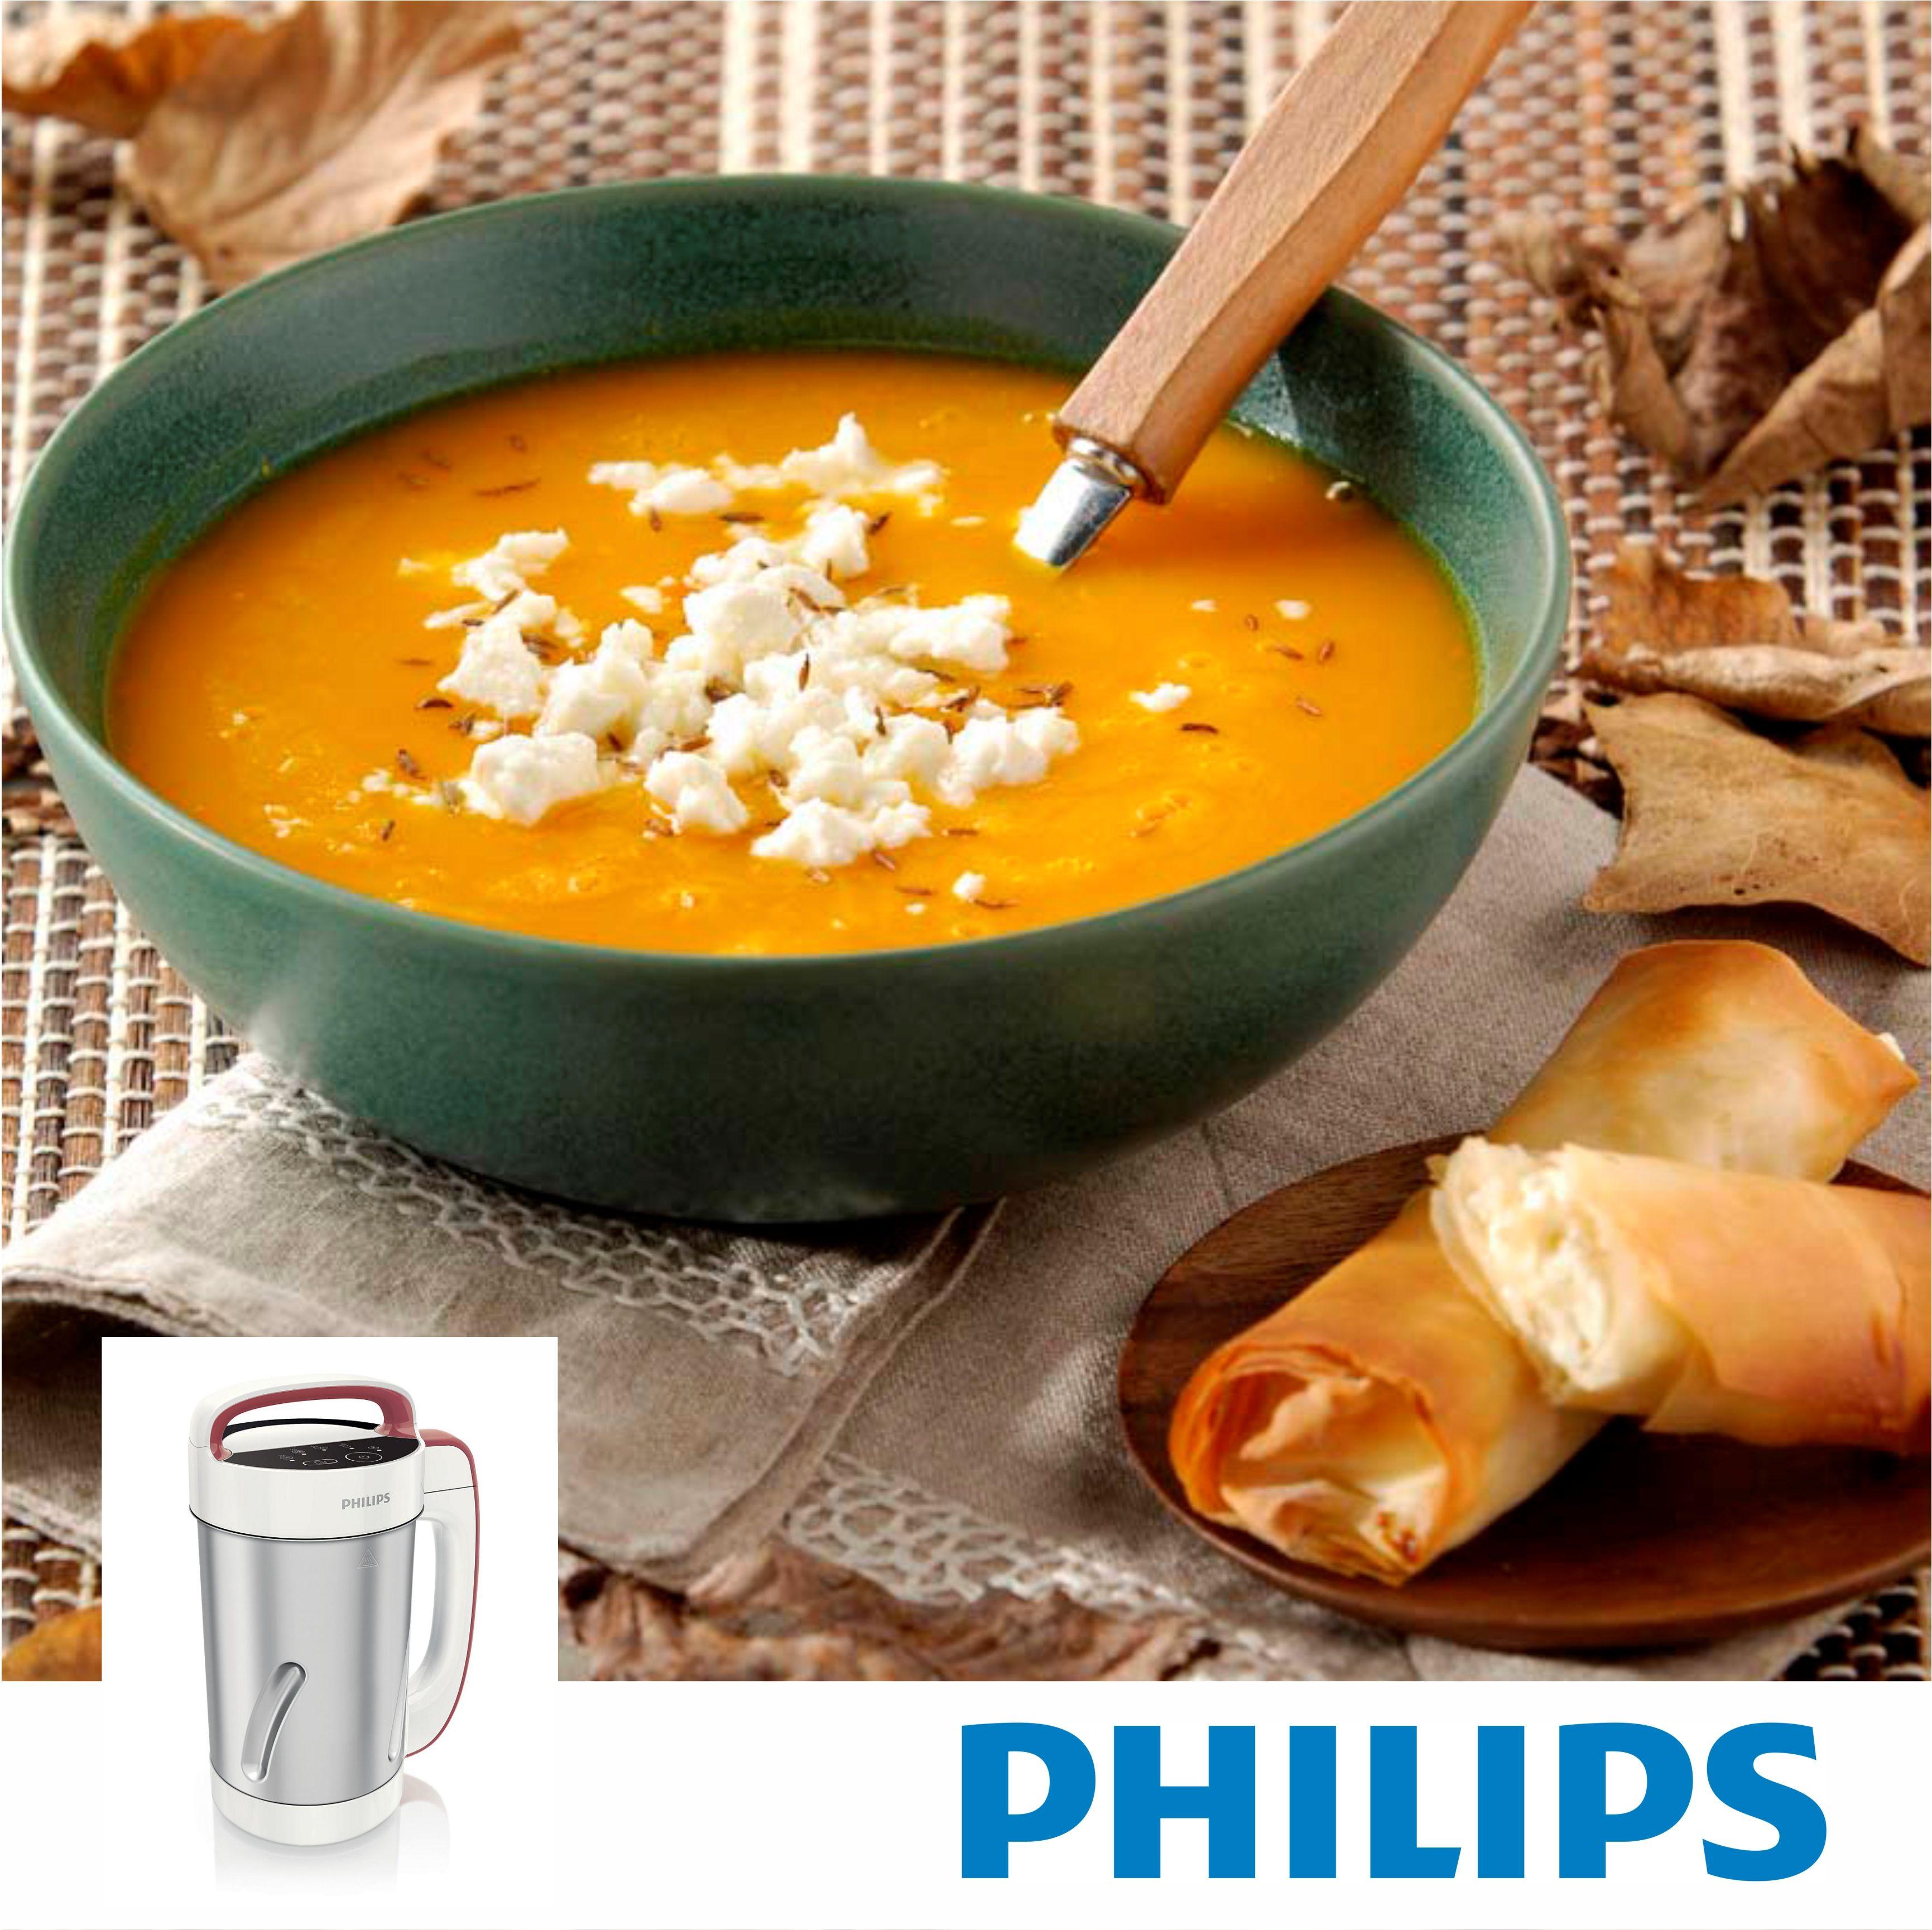 #Philips #SoupMaker #Sopera #HR2200 #RECETA #SOPA DE CALABAZA SUAVE CON